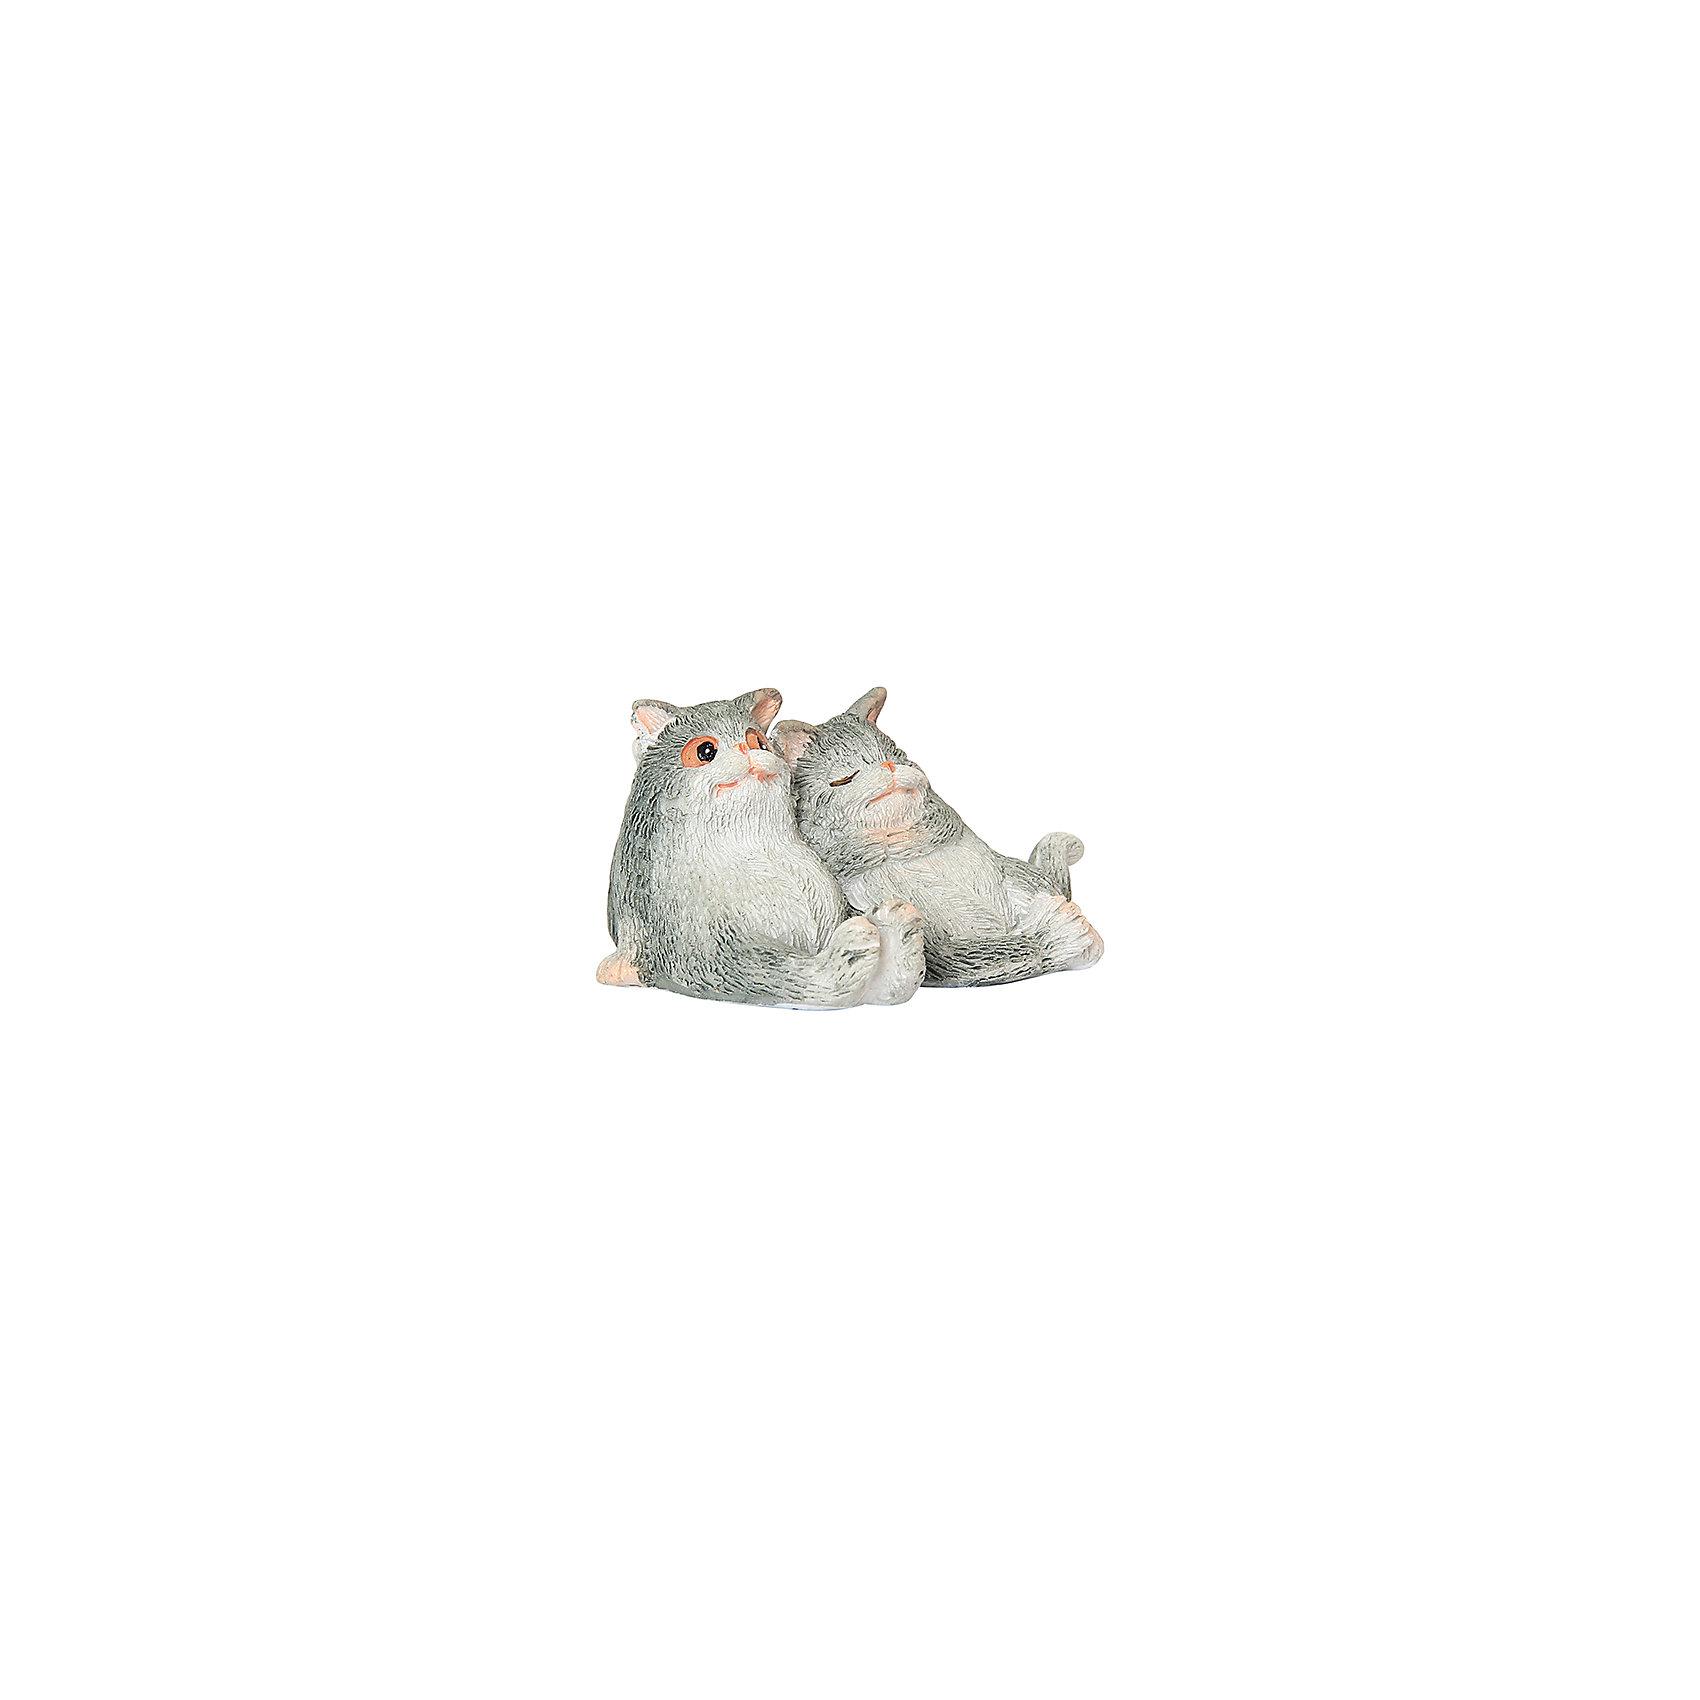 Фигурка декоративная Коты - друзья, Elan GalleryПредметы интерьера<br>Фигурка декоративная  Elan Gallery 5,5*4*3 см. Коты - друзья, Elan Gallery Декоративные фигурки - это отличный способ разнообразить внутреннее убранство вашего дома. Размер  5,5х4х3 см.<br><br>Ширина мм: 62<br>Глубина мм: 37<br>Высота мм: 47<br>Вес г: 69<br>Возраст от месяцев: 0<br>Возраст до месяцев: 1188<br>Пол: Унисекс<br>Возраст: Детский<br>SKU: 6669011